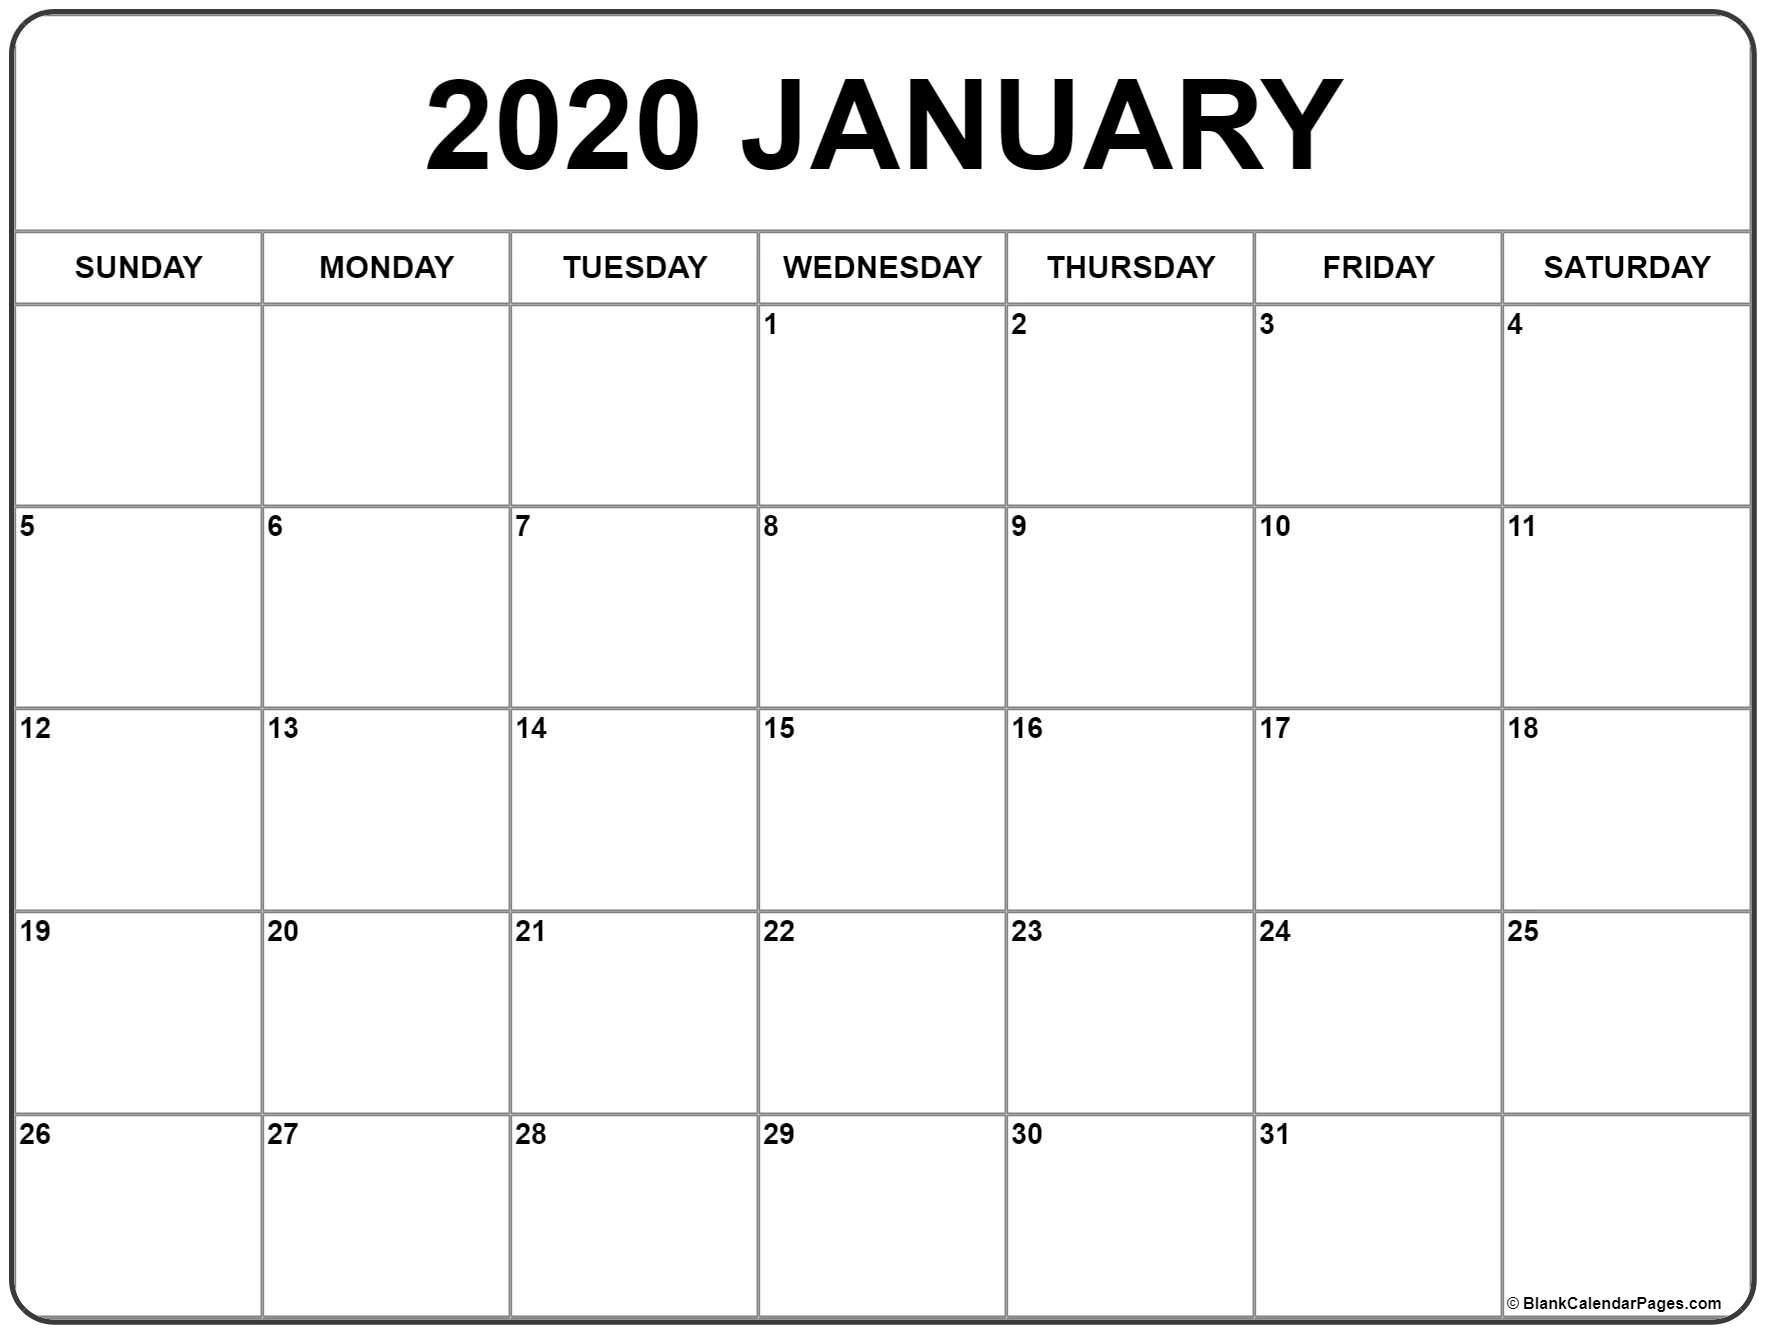 Monday Through Friday Blank Calendar 2020 Printable | Free Free Printable Blank Calendar Monday Friday